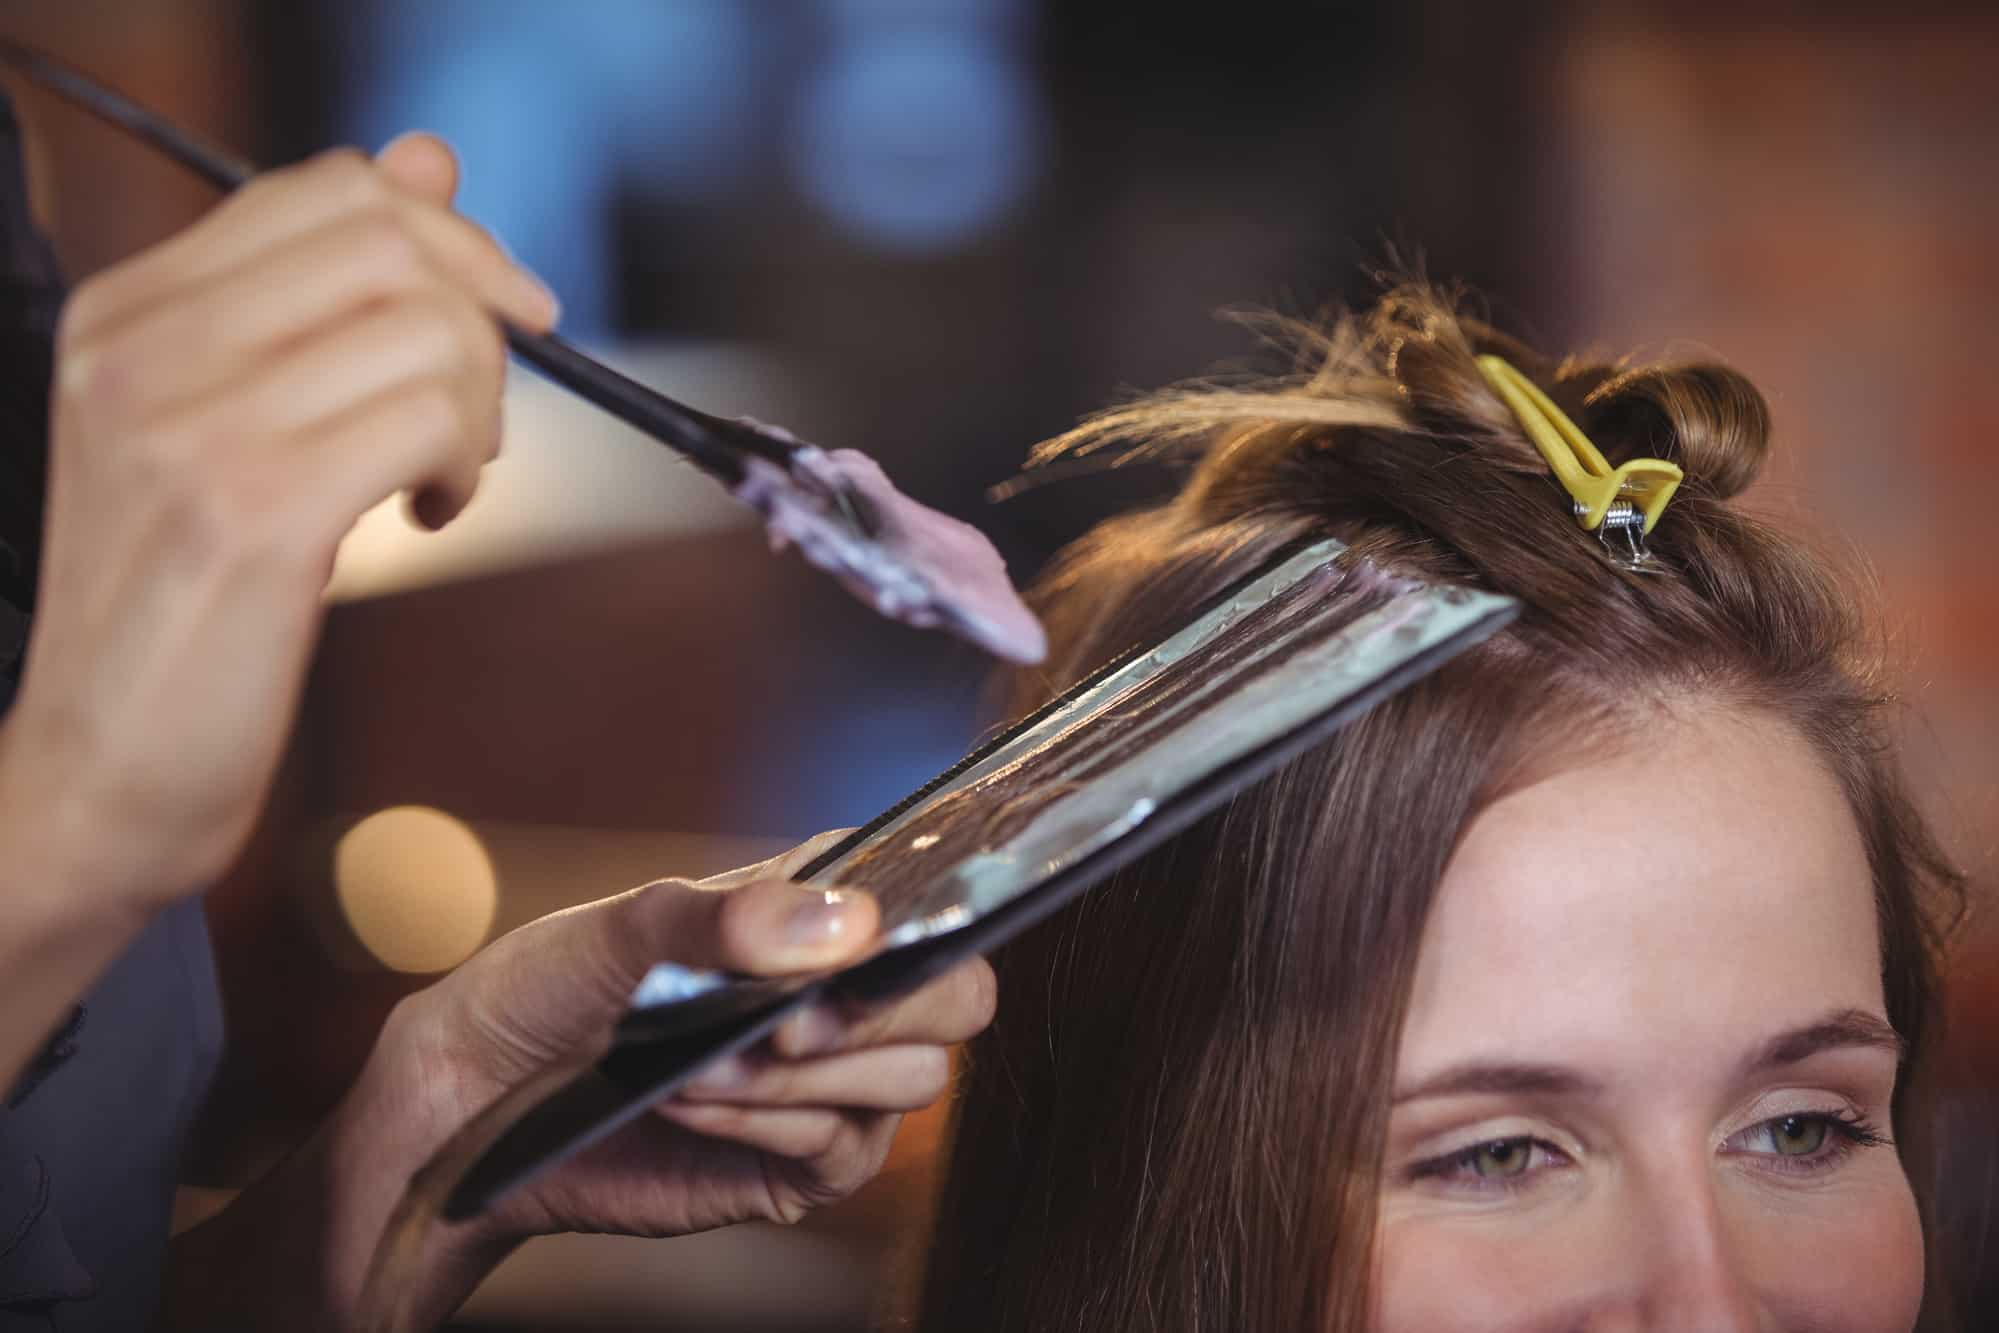 toxic hair dye application